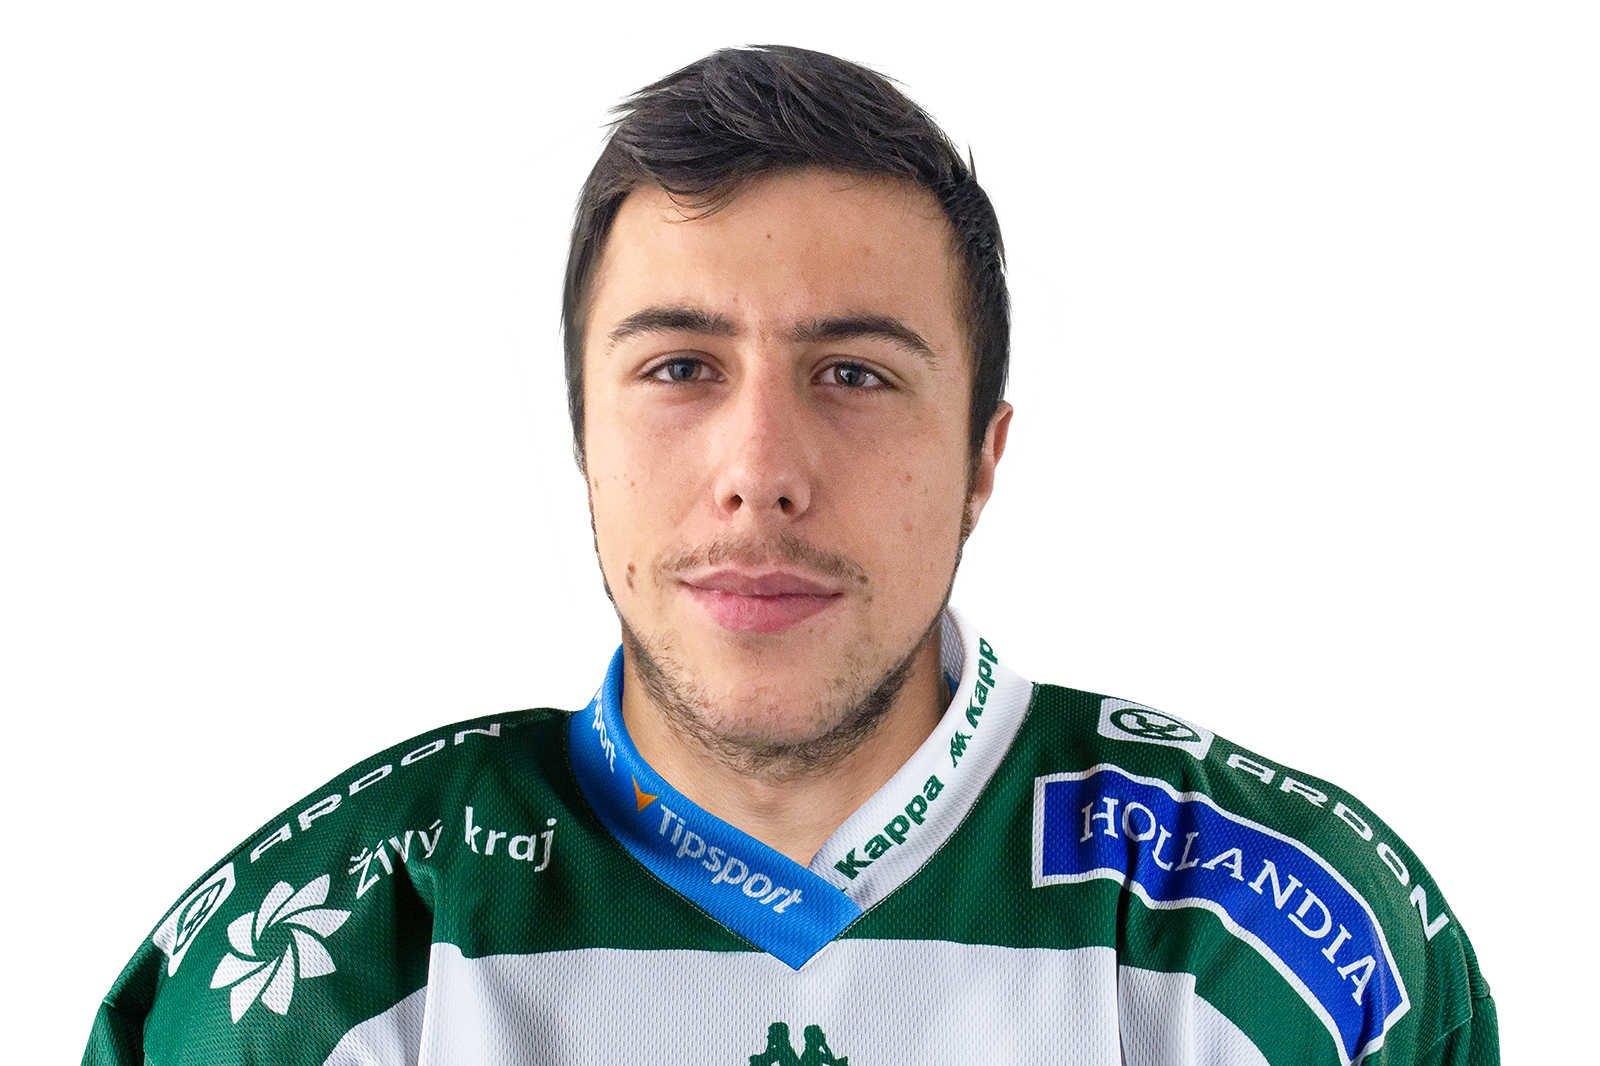 Tomáš Vildumetz